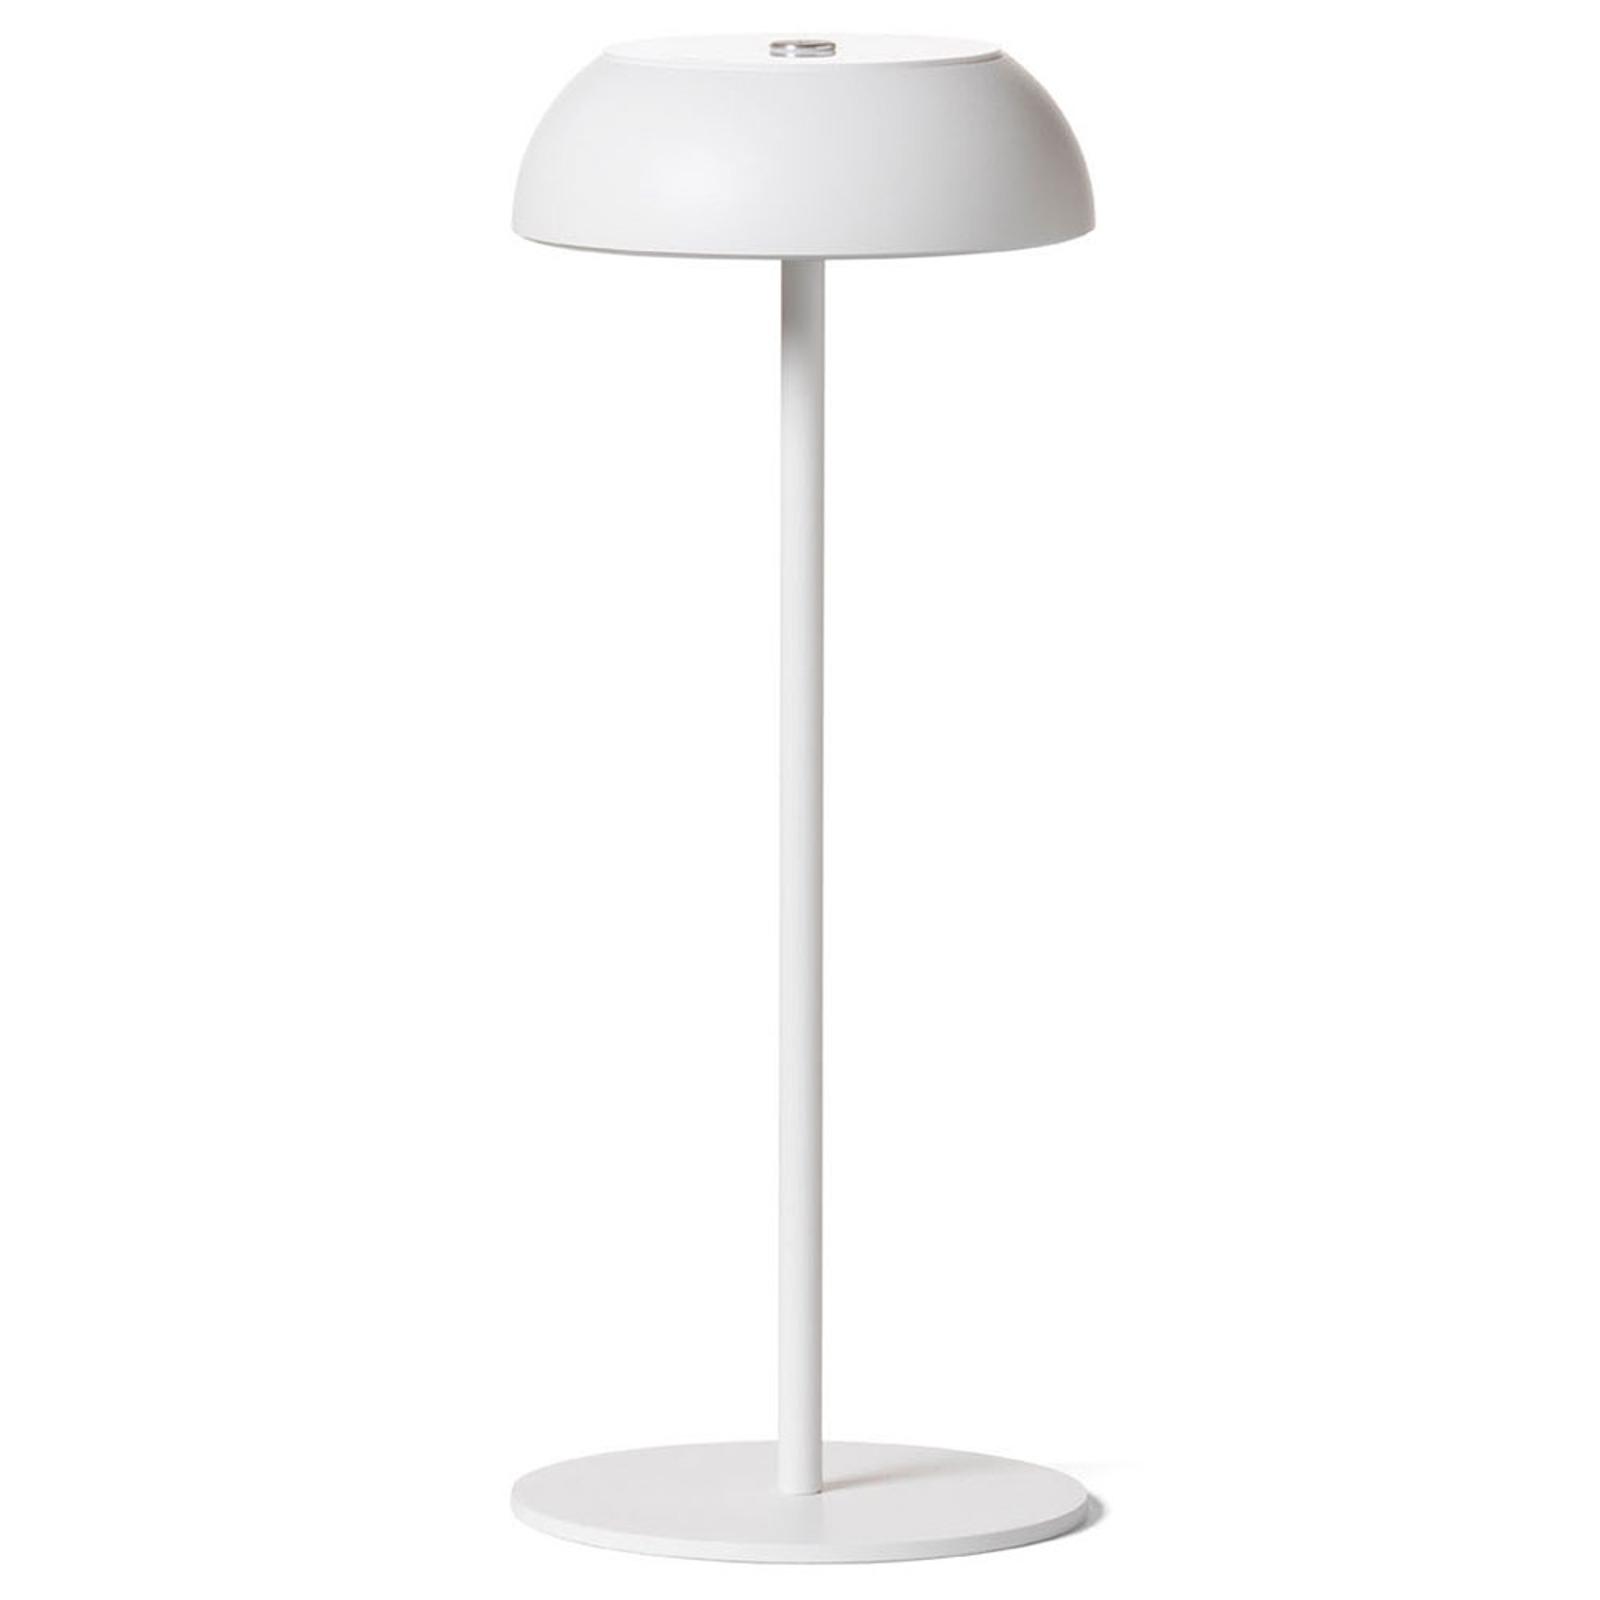 Axolight Float LED-Designer-Tischleuchte, weiß